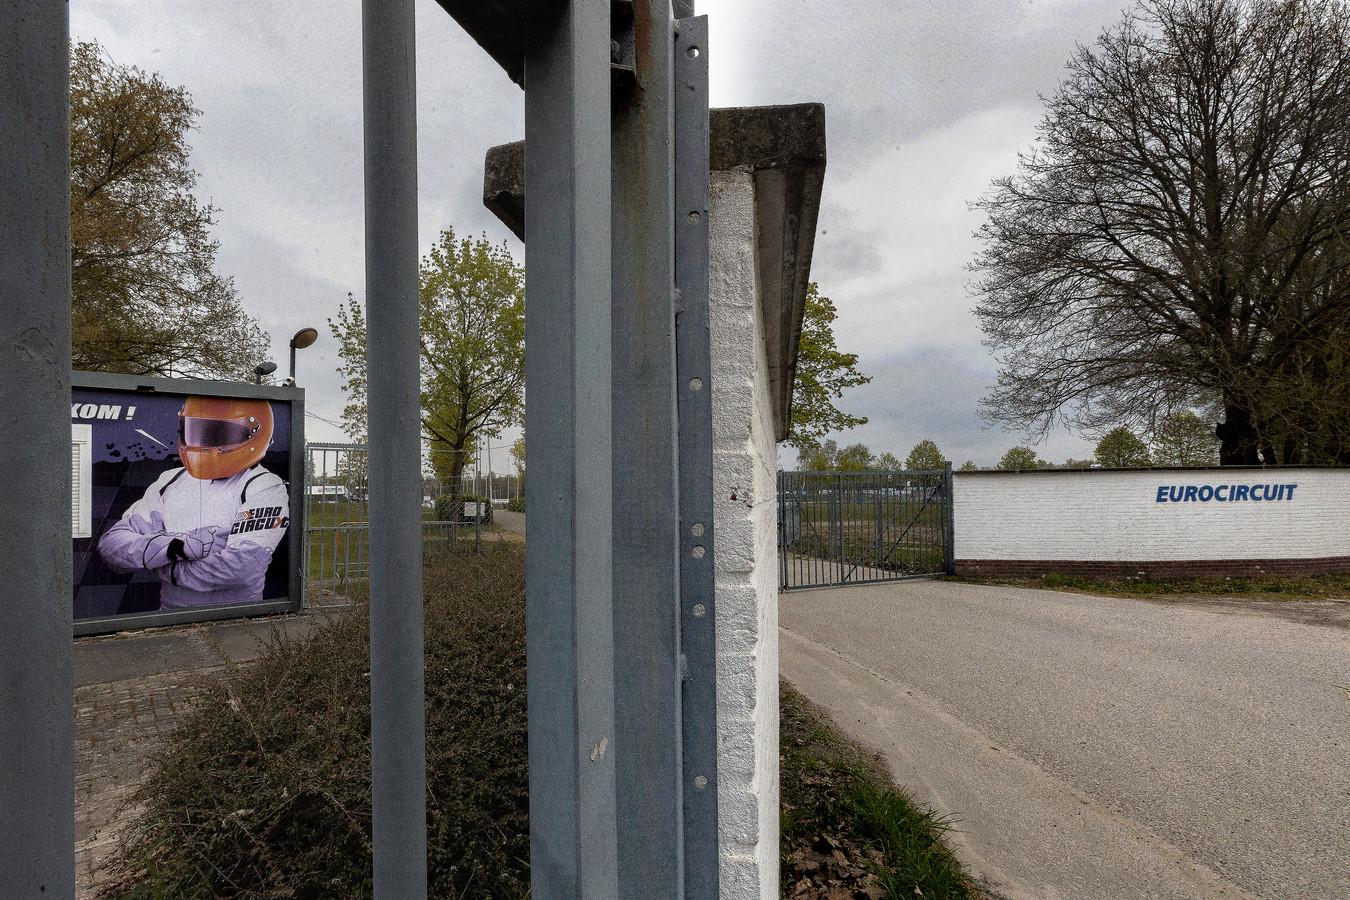 De entree van het Eurocircuit in Valkenswaard: gaan de hekken in de toekomst weer wagenwijd open?